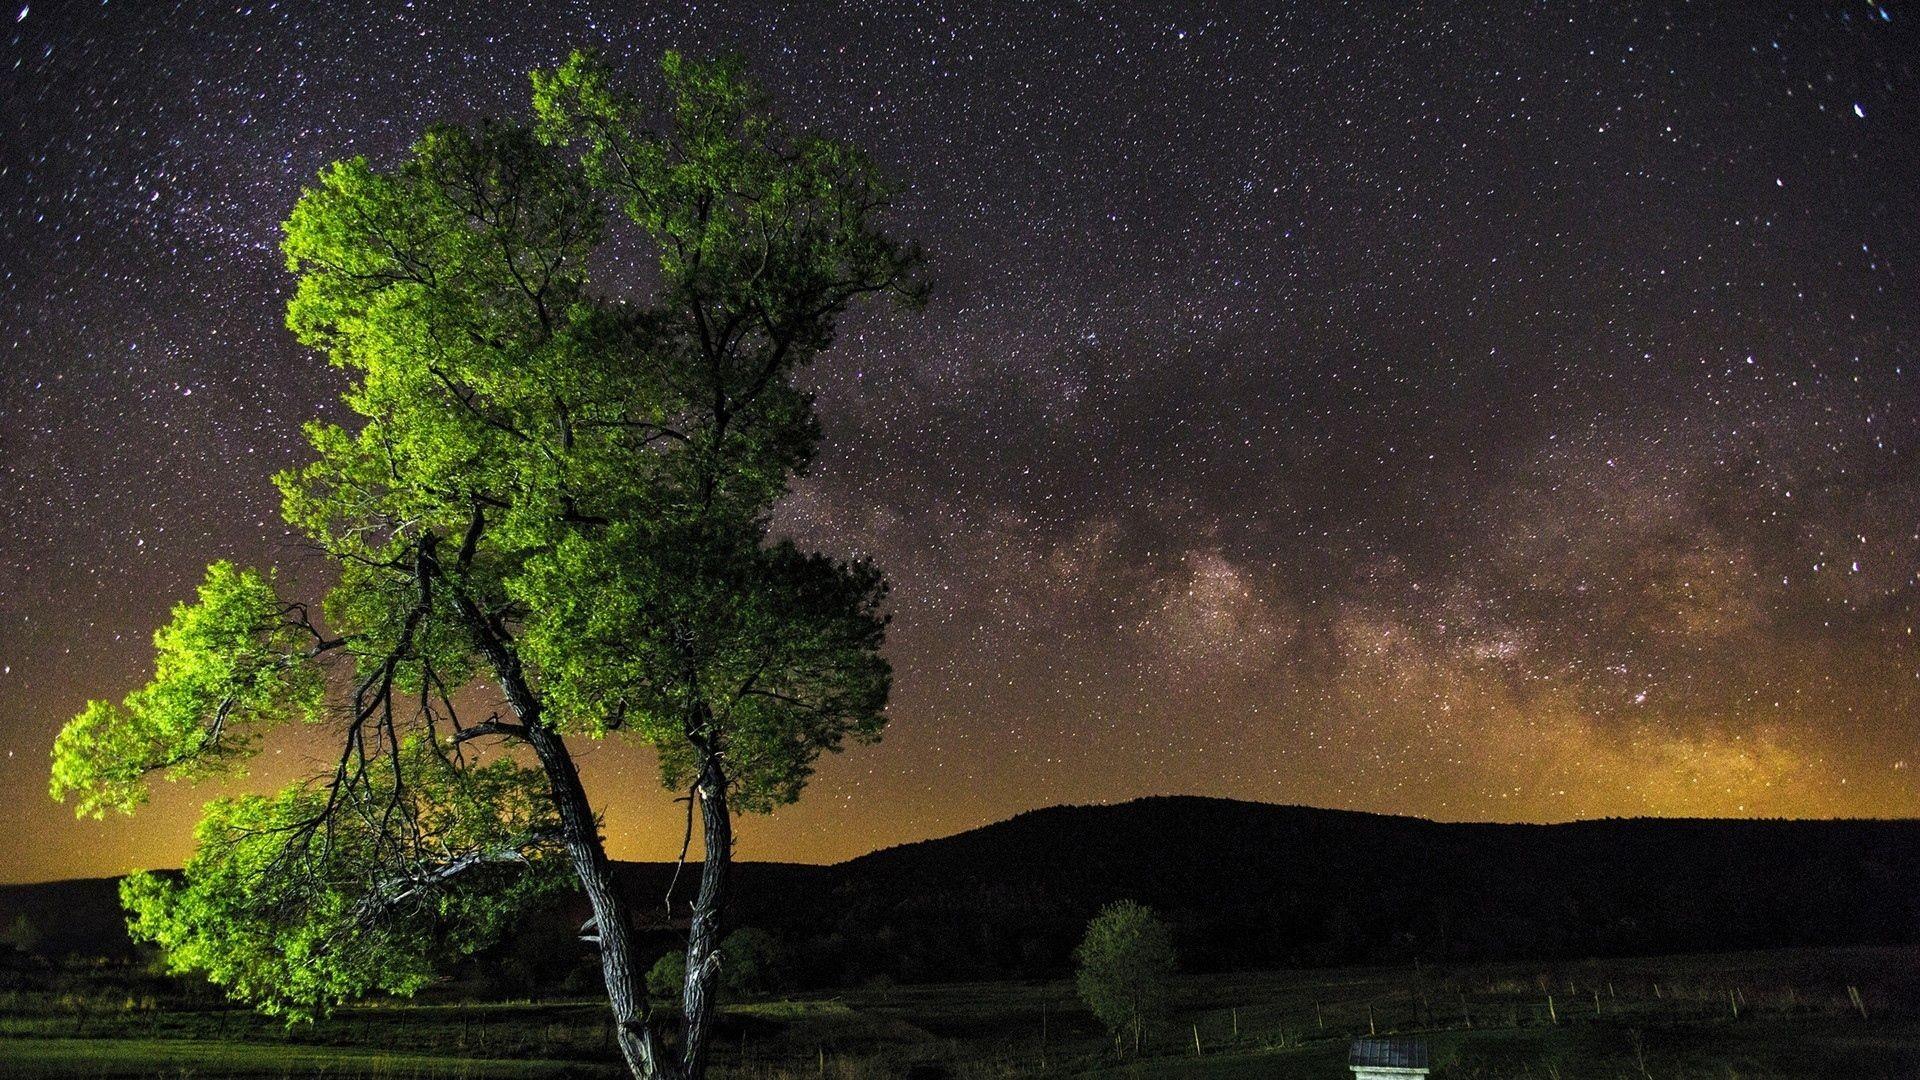 Download Wallpaper Night, Sky, Stars, Tree Full HD 1080p .